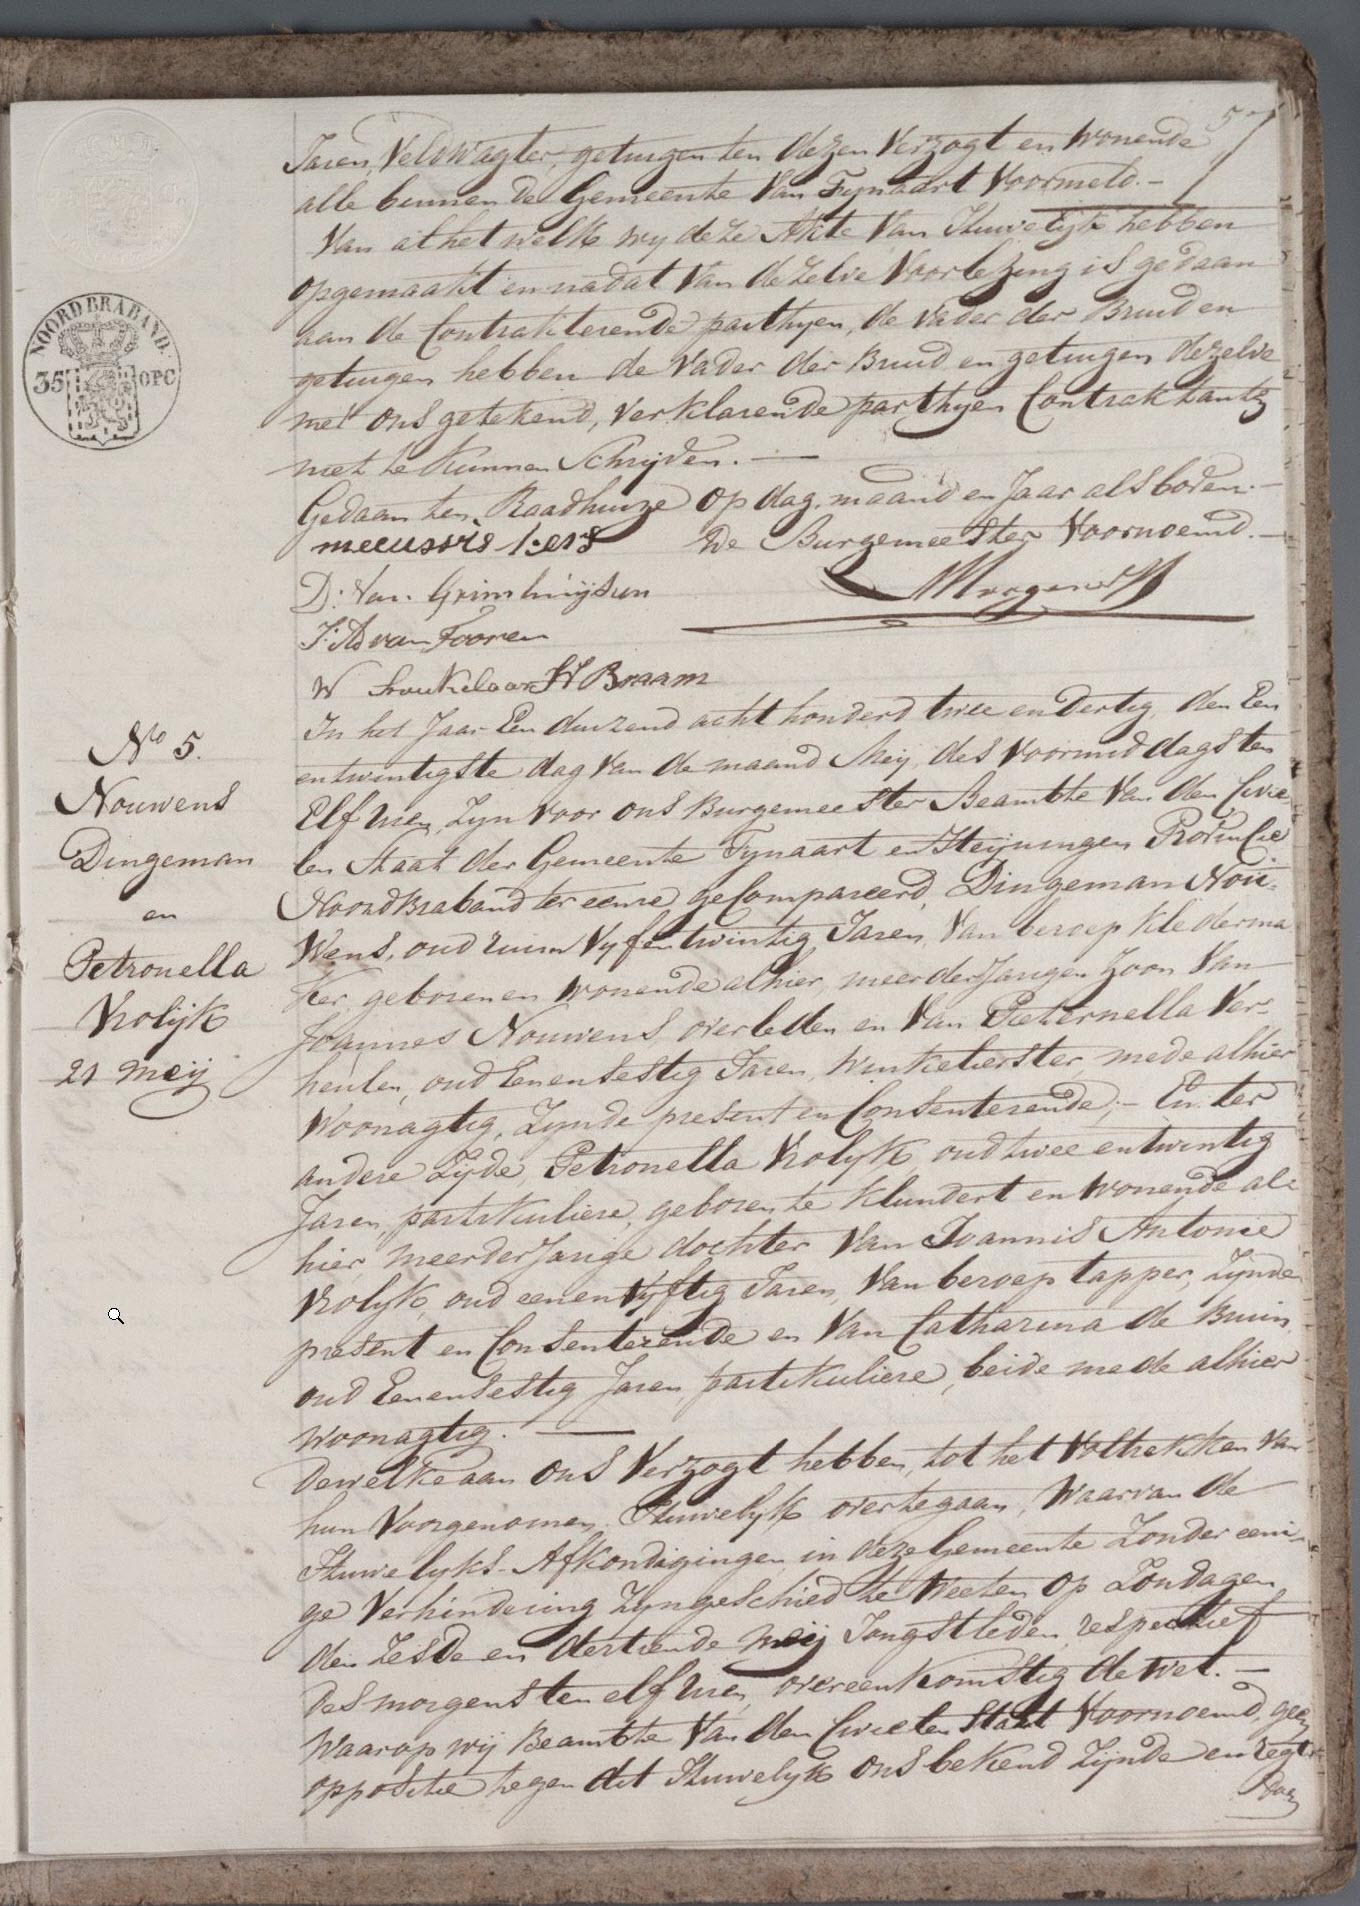 Huwelijk Dingeman Nouwens en Petronella Vrolijk 21-05-1832 _pagina1